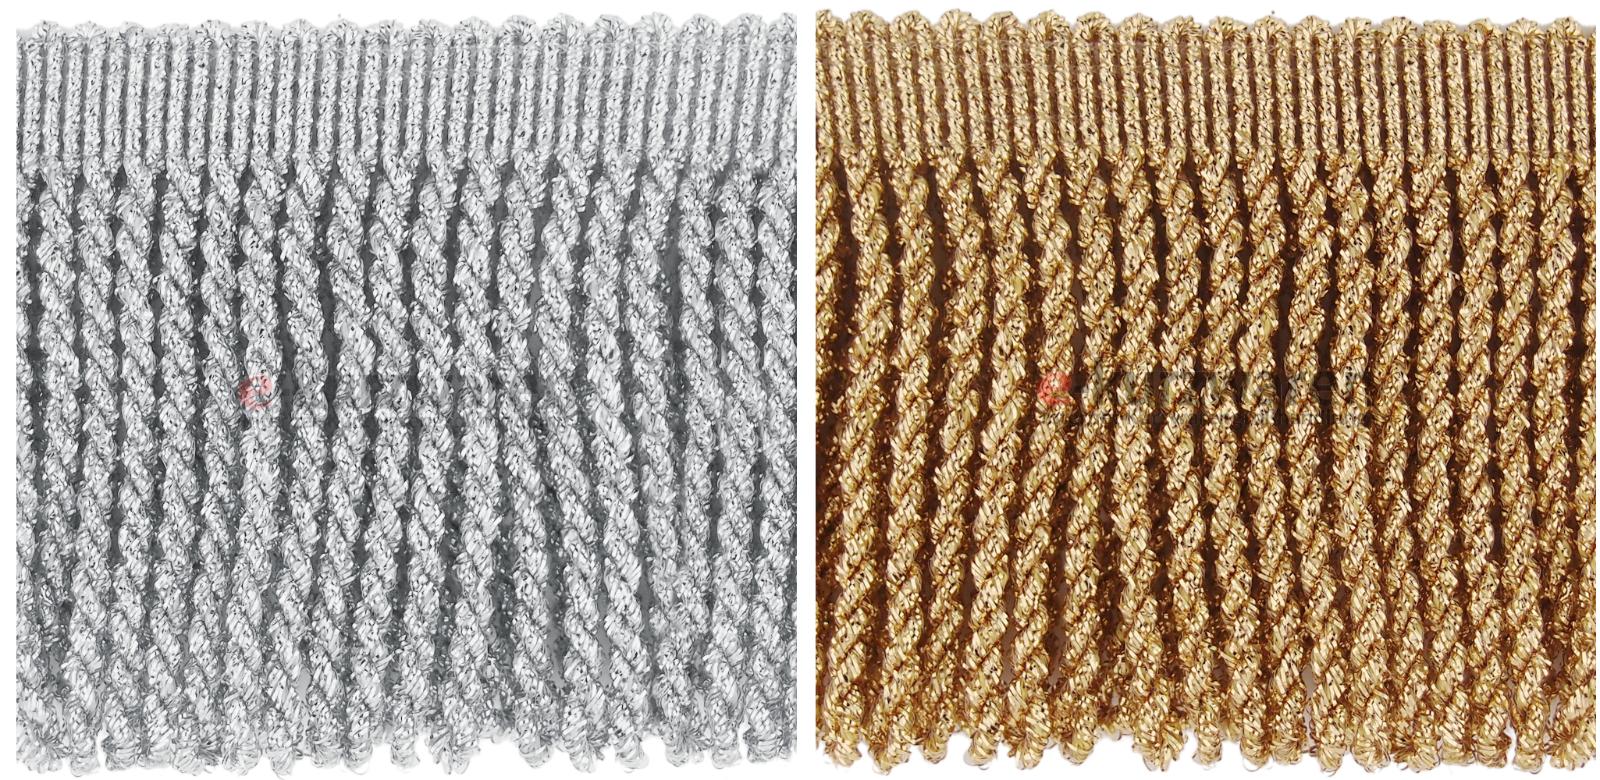 Metallisierte Fransen 10cm 10m Fransenborte Fransen Vorhang Dekoration Borte | Hohe Qualität Und Geringen Overhead